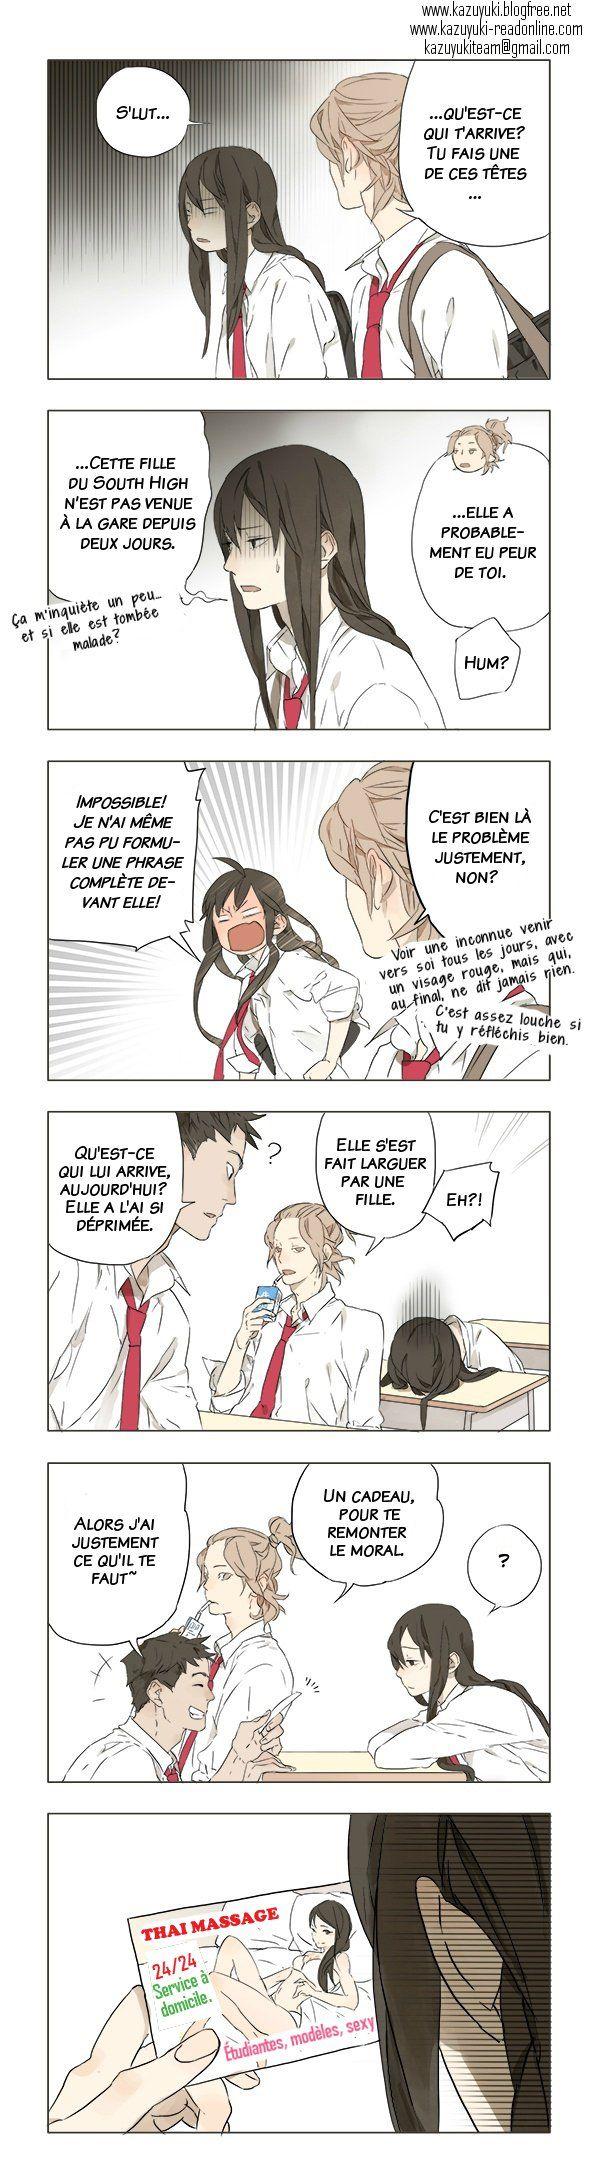 Tamen de Gushi - Page 5